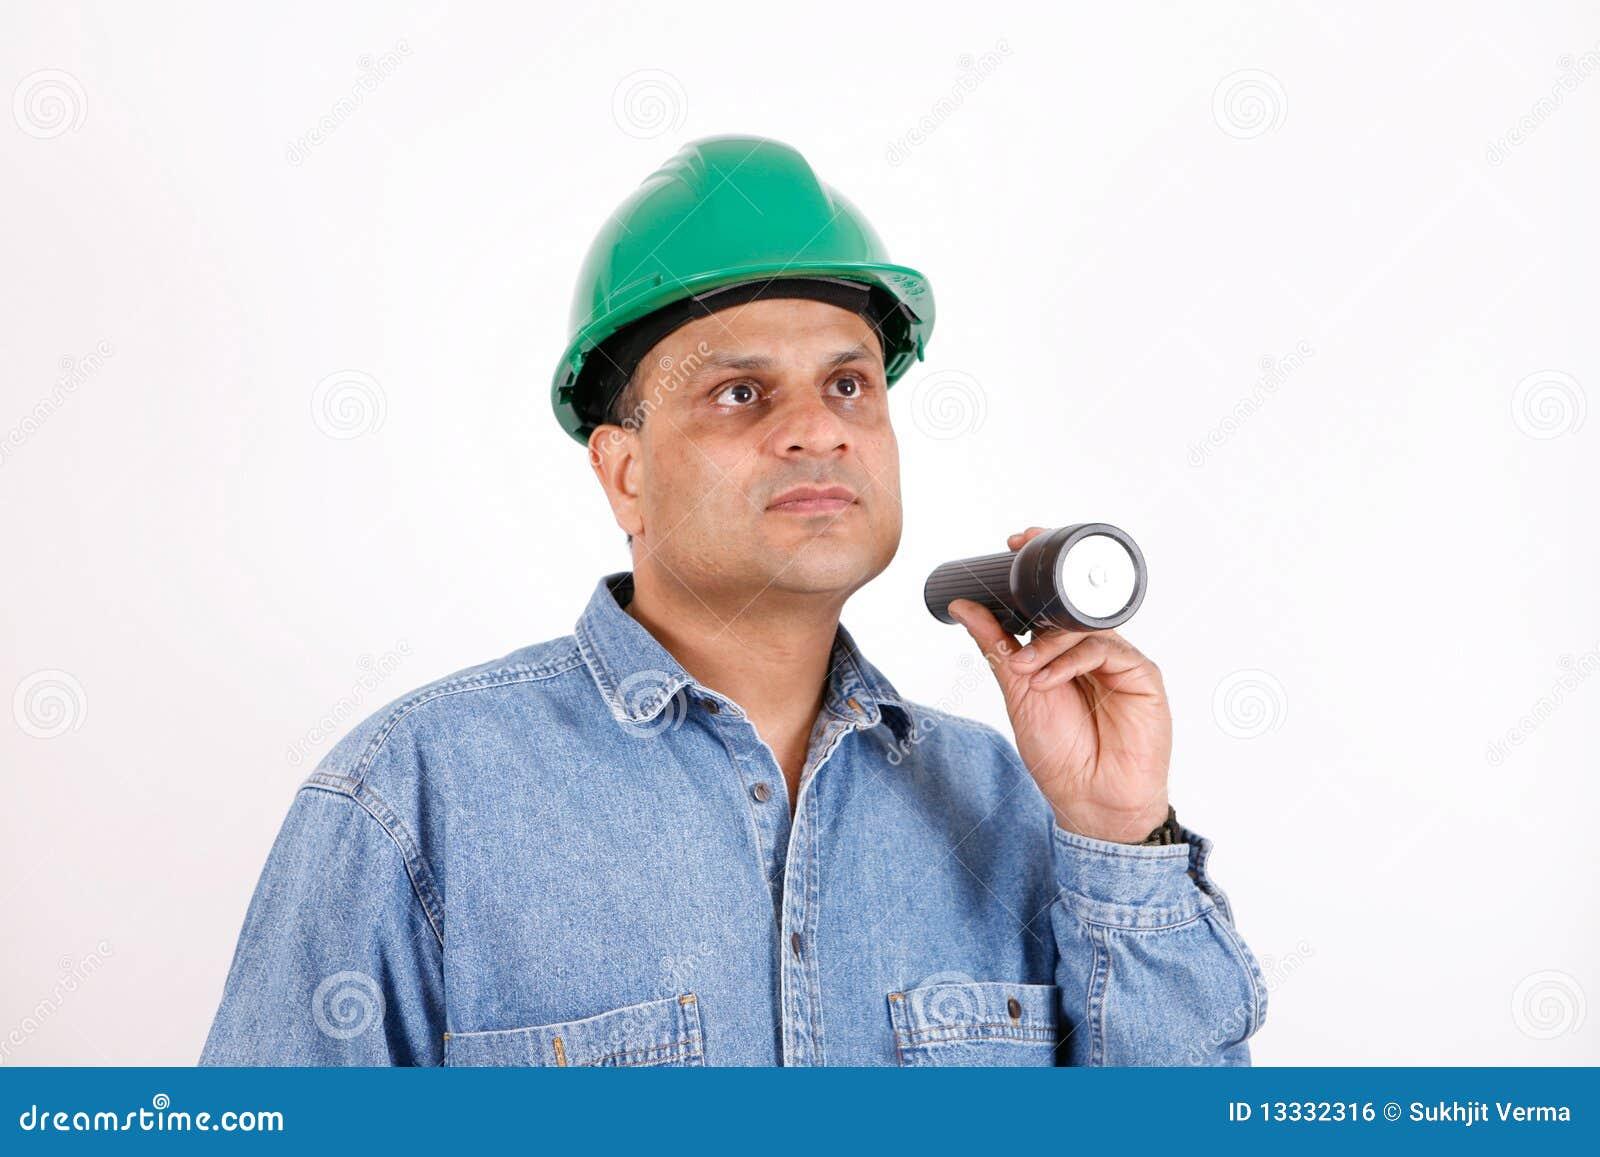 Budowy bezpieczeństwa pracownik